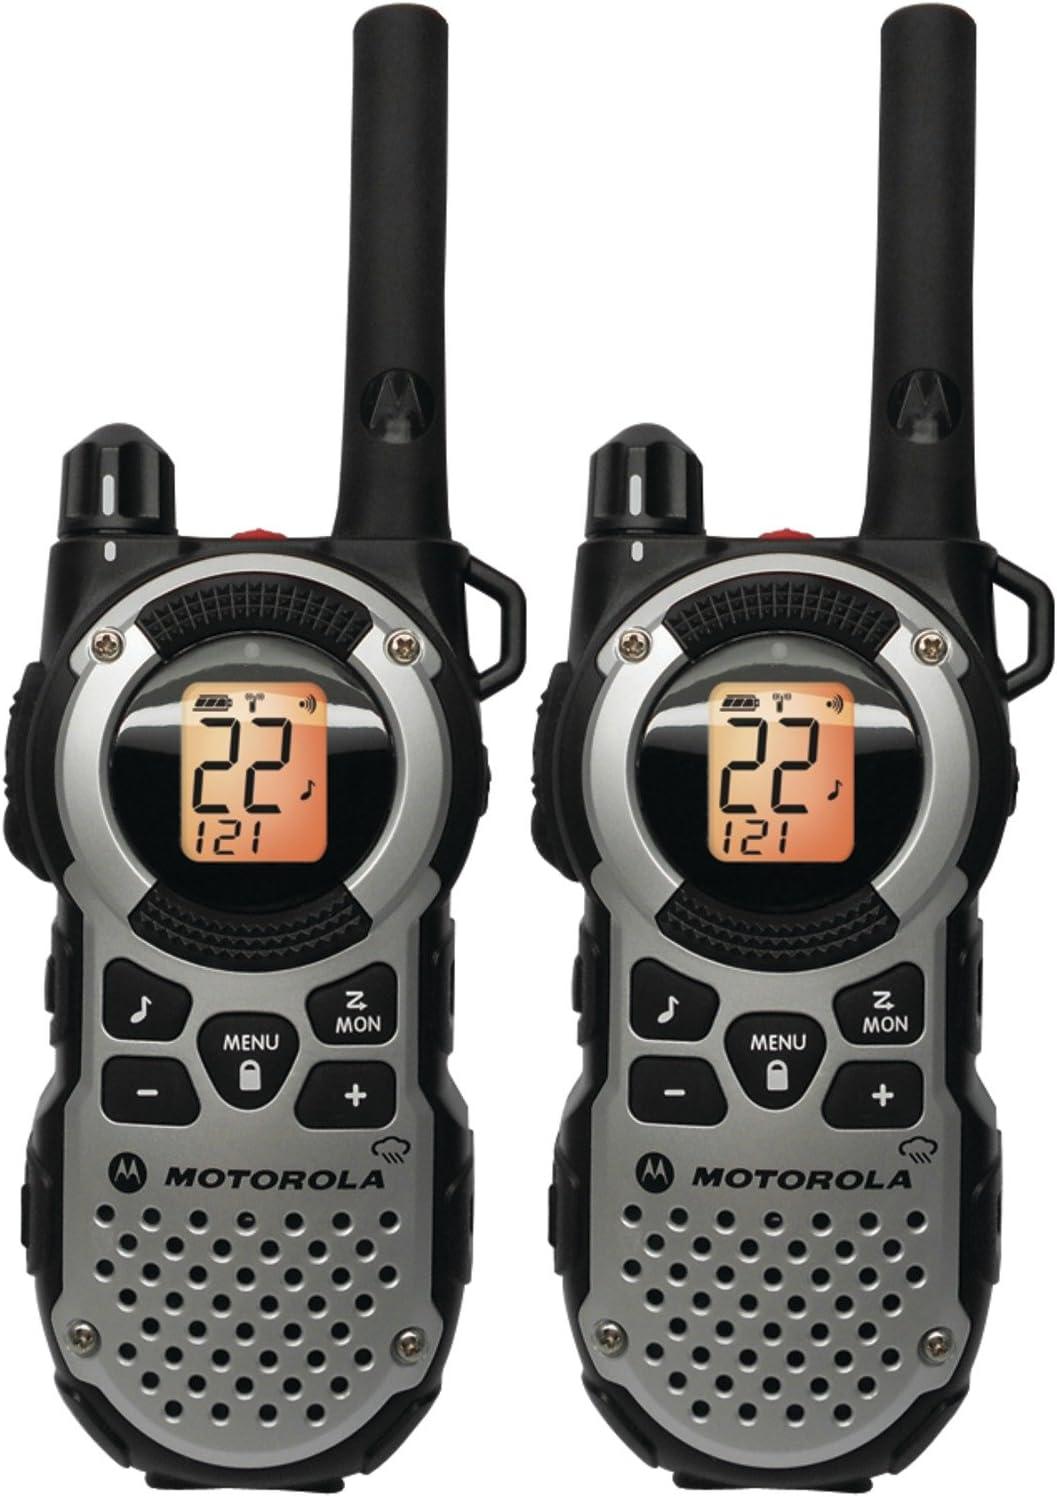 Silver 35 Mile Radio Pack Motorola Consumer Radios MT352R FRS Weatherproof Two-Way